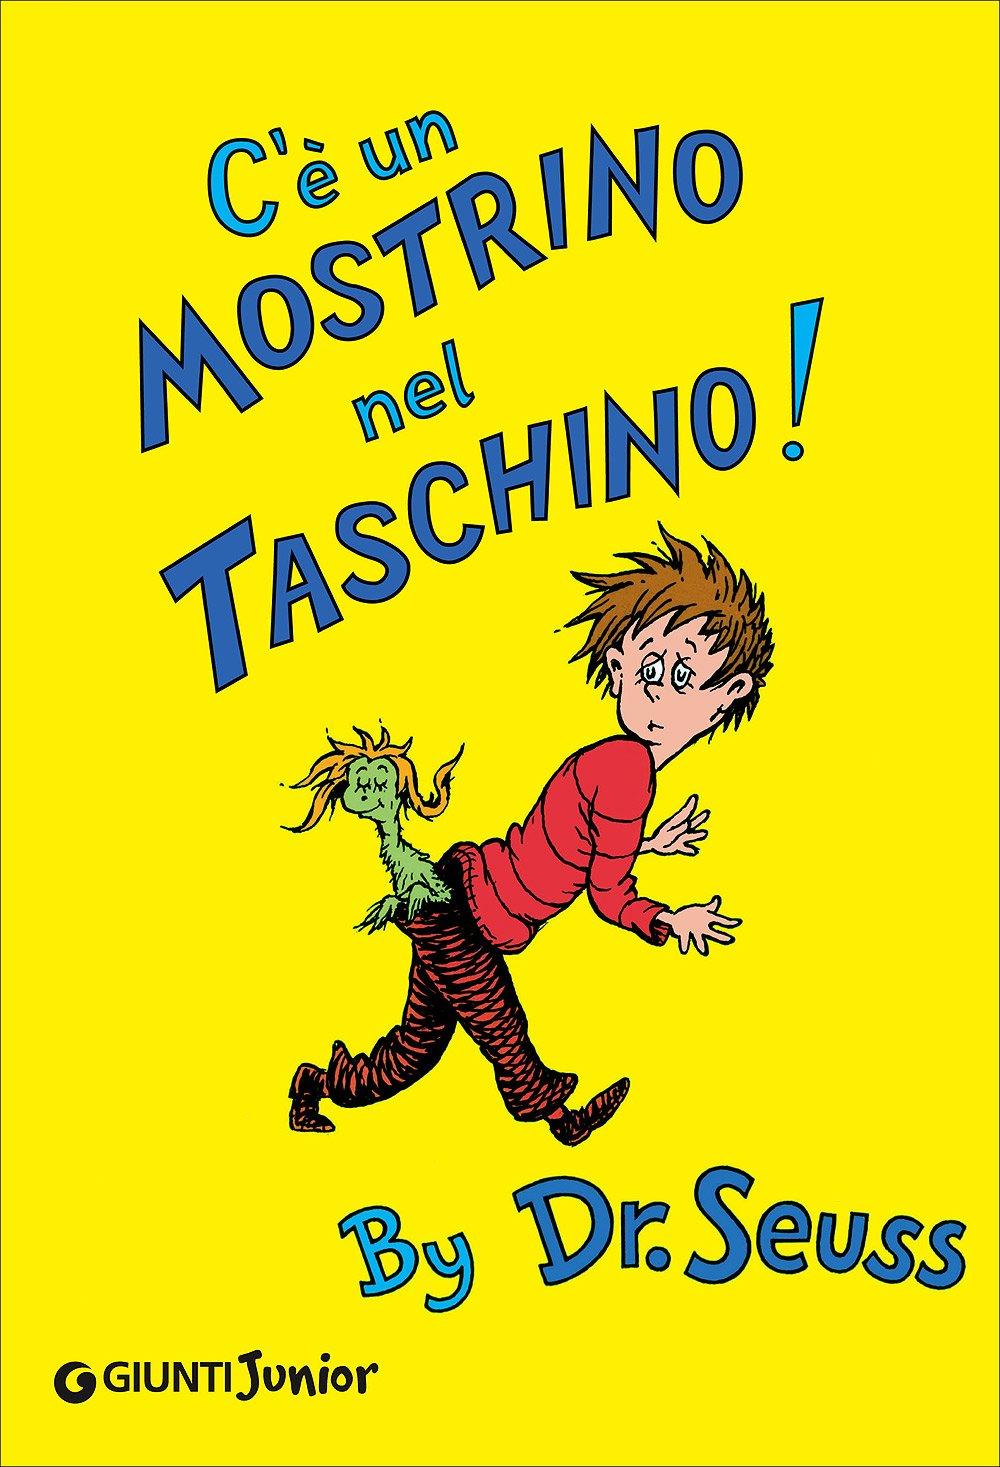 C'è un mostrino nel taschino!: Amazon.it: Dr. Seuss, Sarfatti, A.: Libri